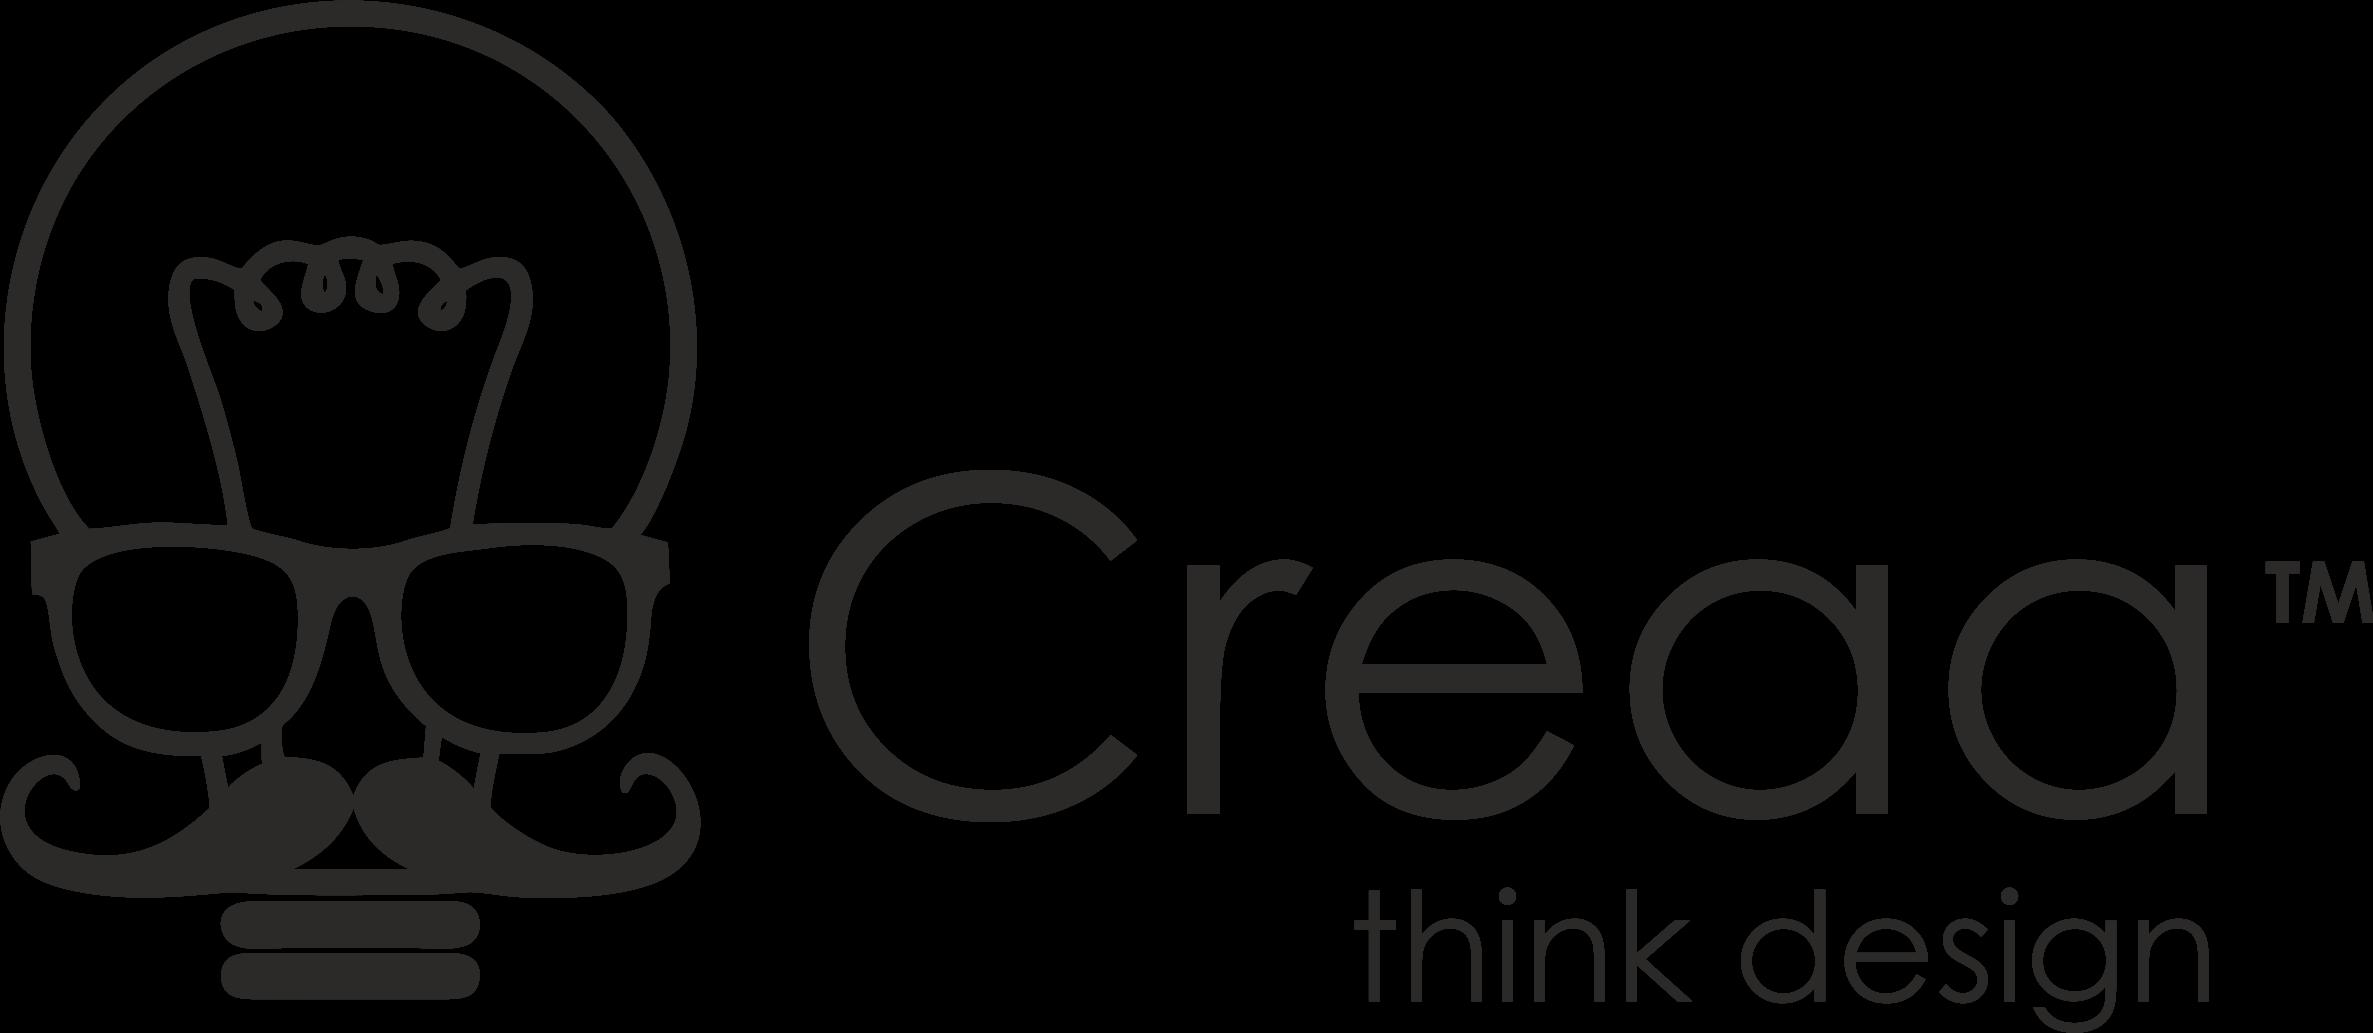 Creaadesigns